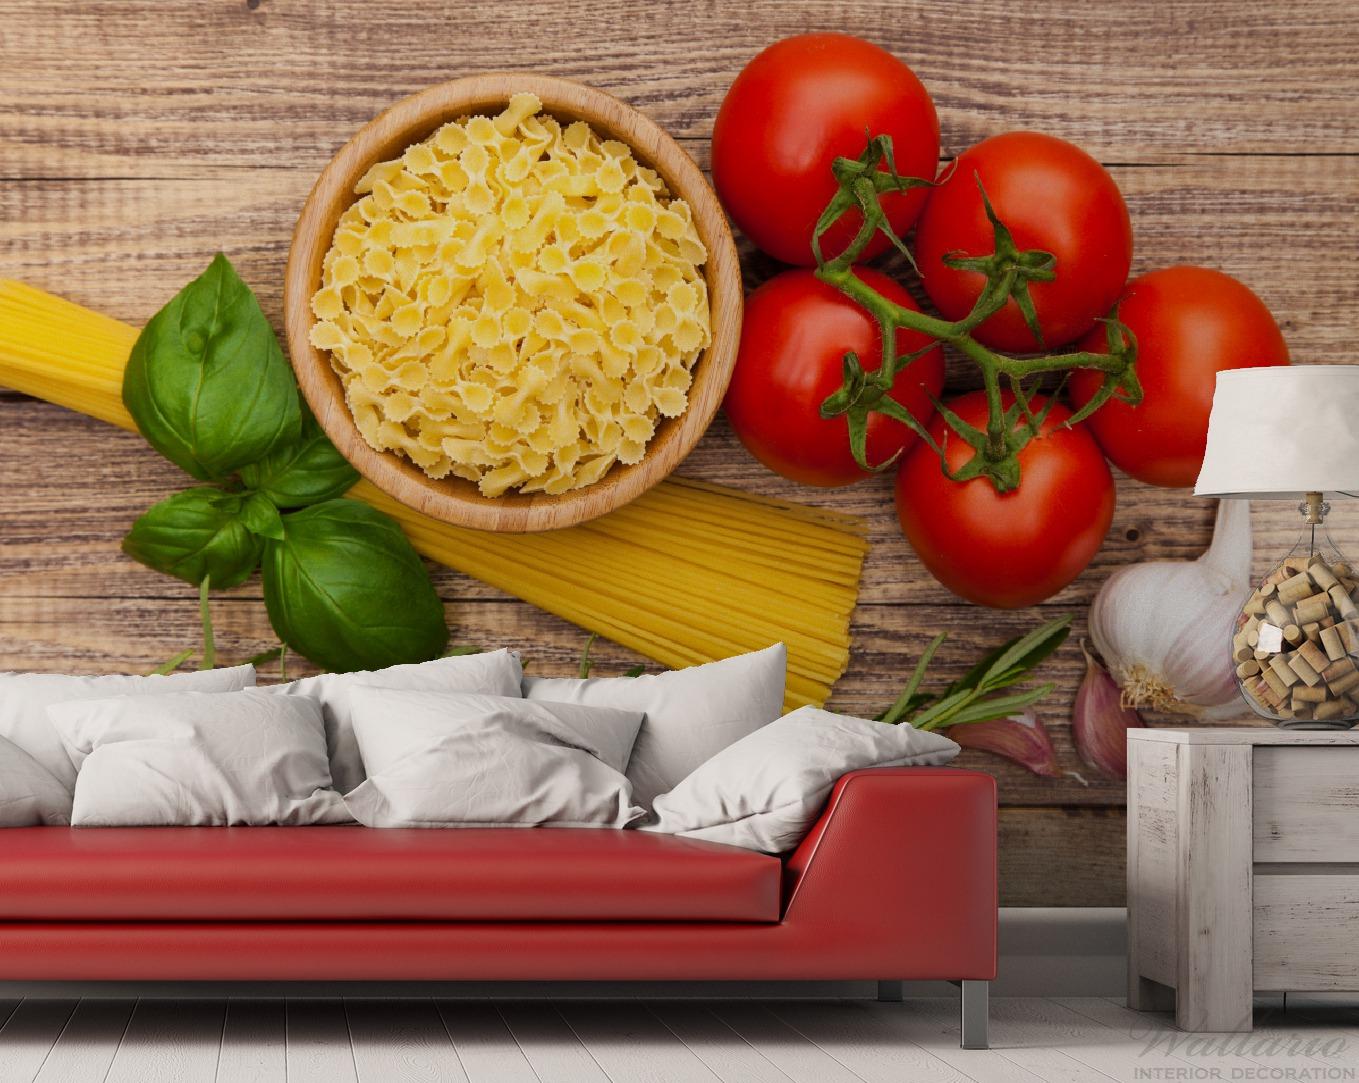 vliestapete spaghetti mit tomaten knoblauch und basilikum zutaten f r ein italienisches abendmahl. Black Bedroom Furniture Sets. Home Design Ideas